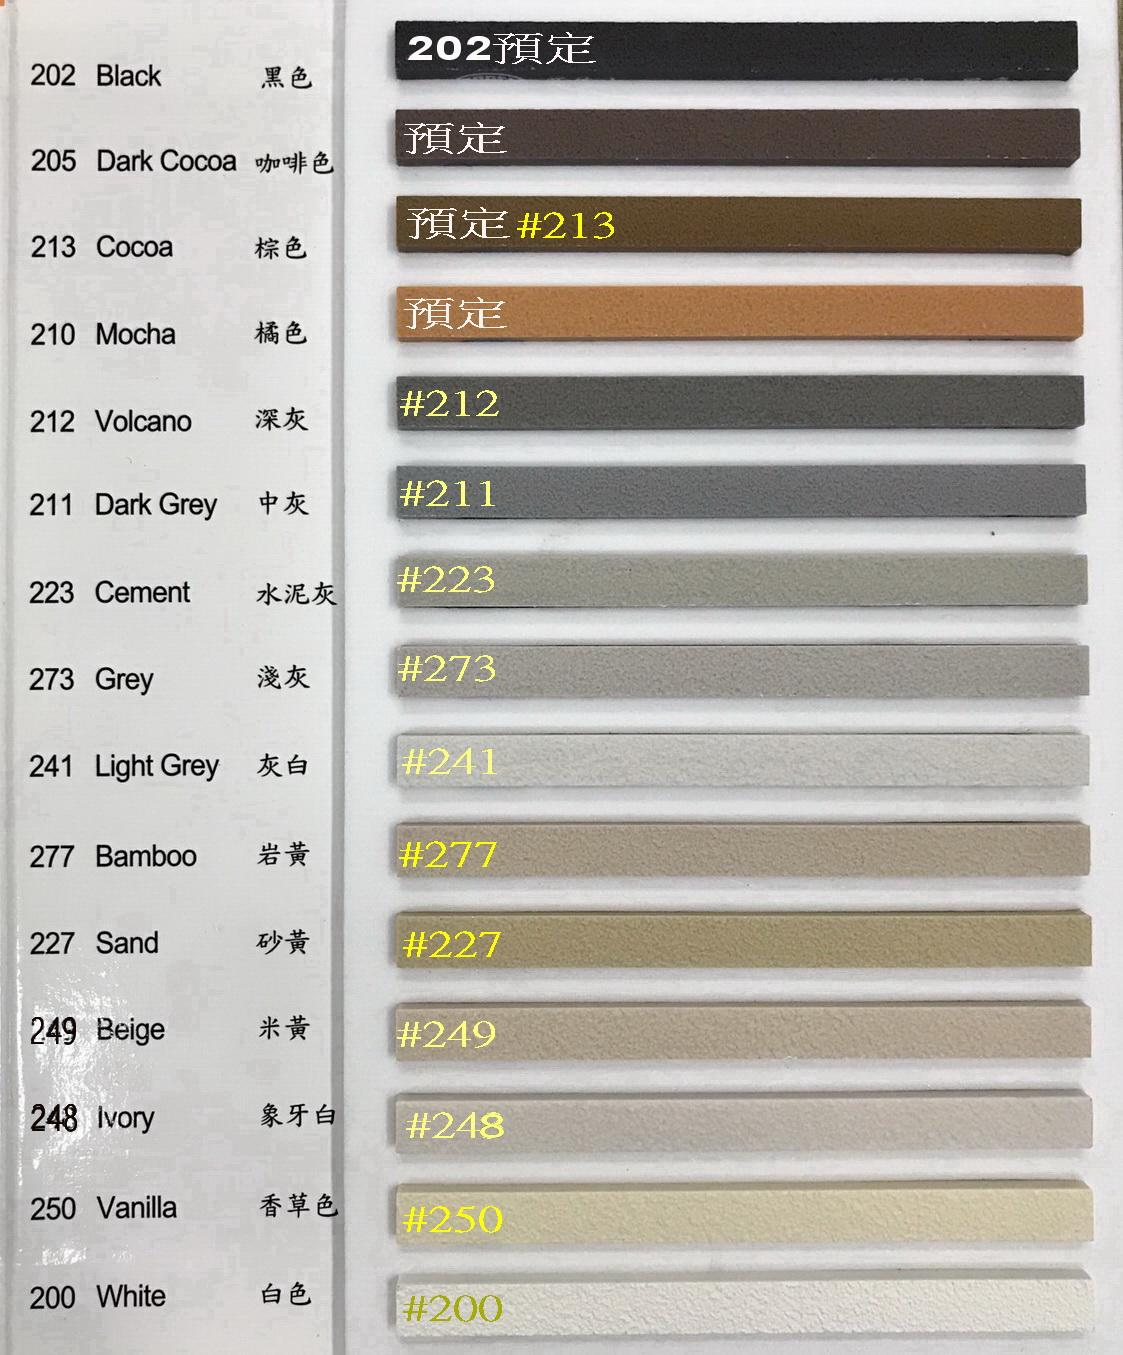 磁磚填縫劑【亞德士ARDEX FG Fine 專業型曲折性細縫填縫劑(15色)】5KG #無砂型填縫劑#抗黴性#防水性#細縫填縫劑(現貨)